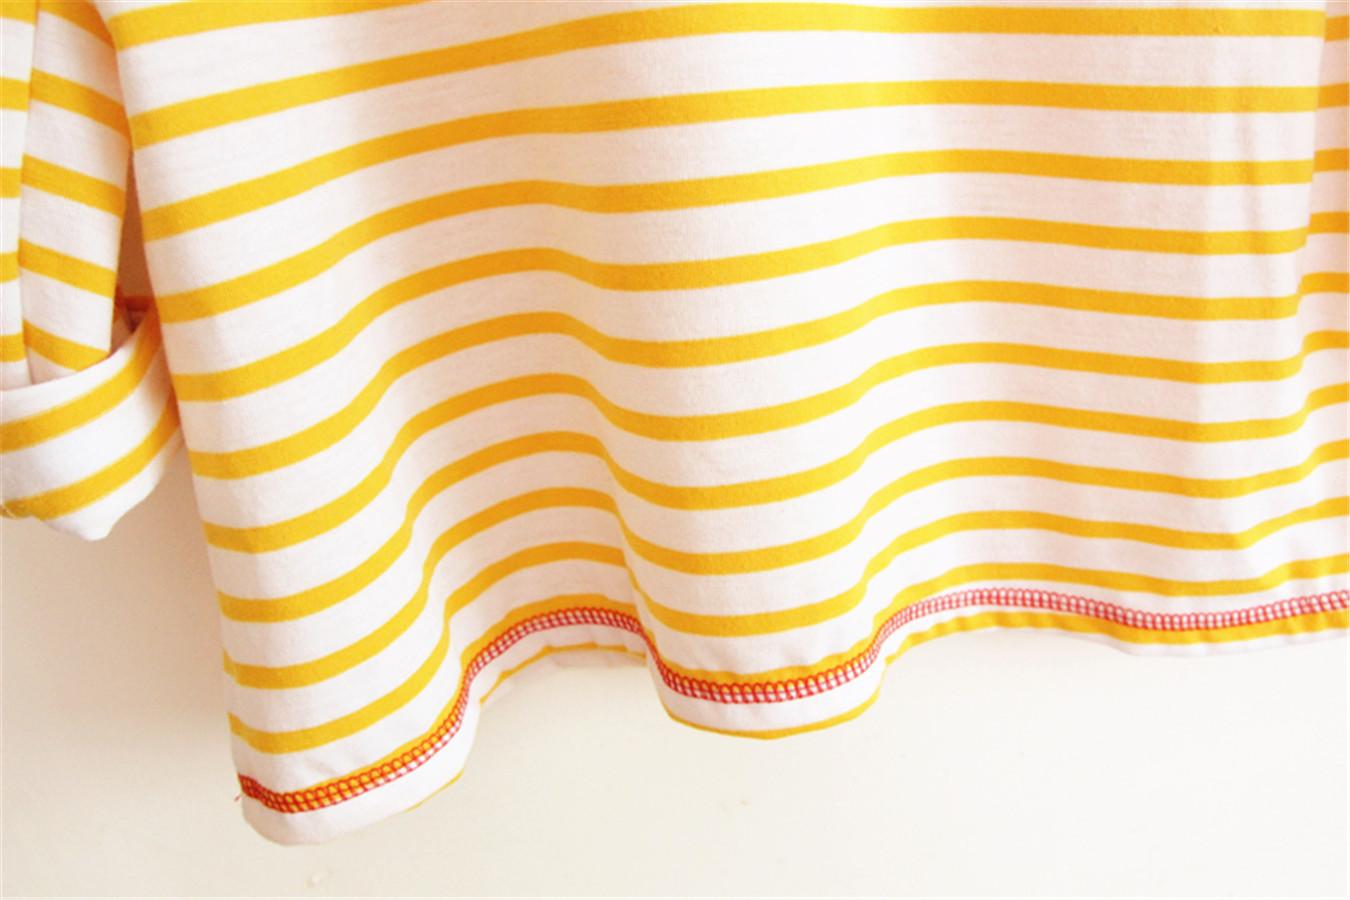 背景 壁纸 设计 矢量 矢量图 素材 1350_900